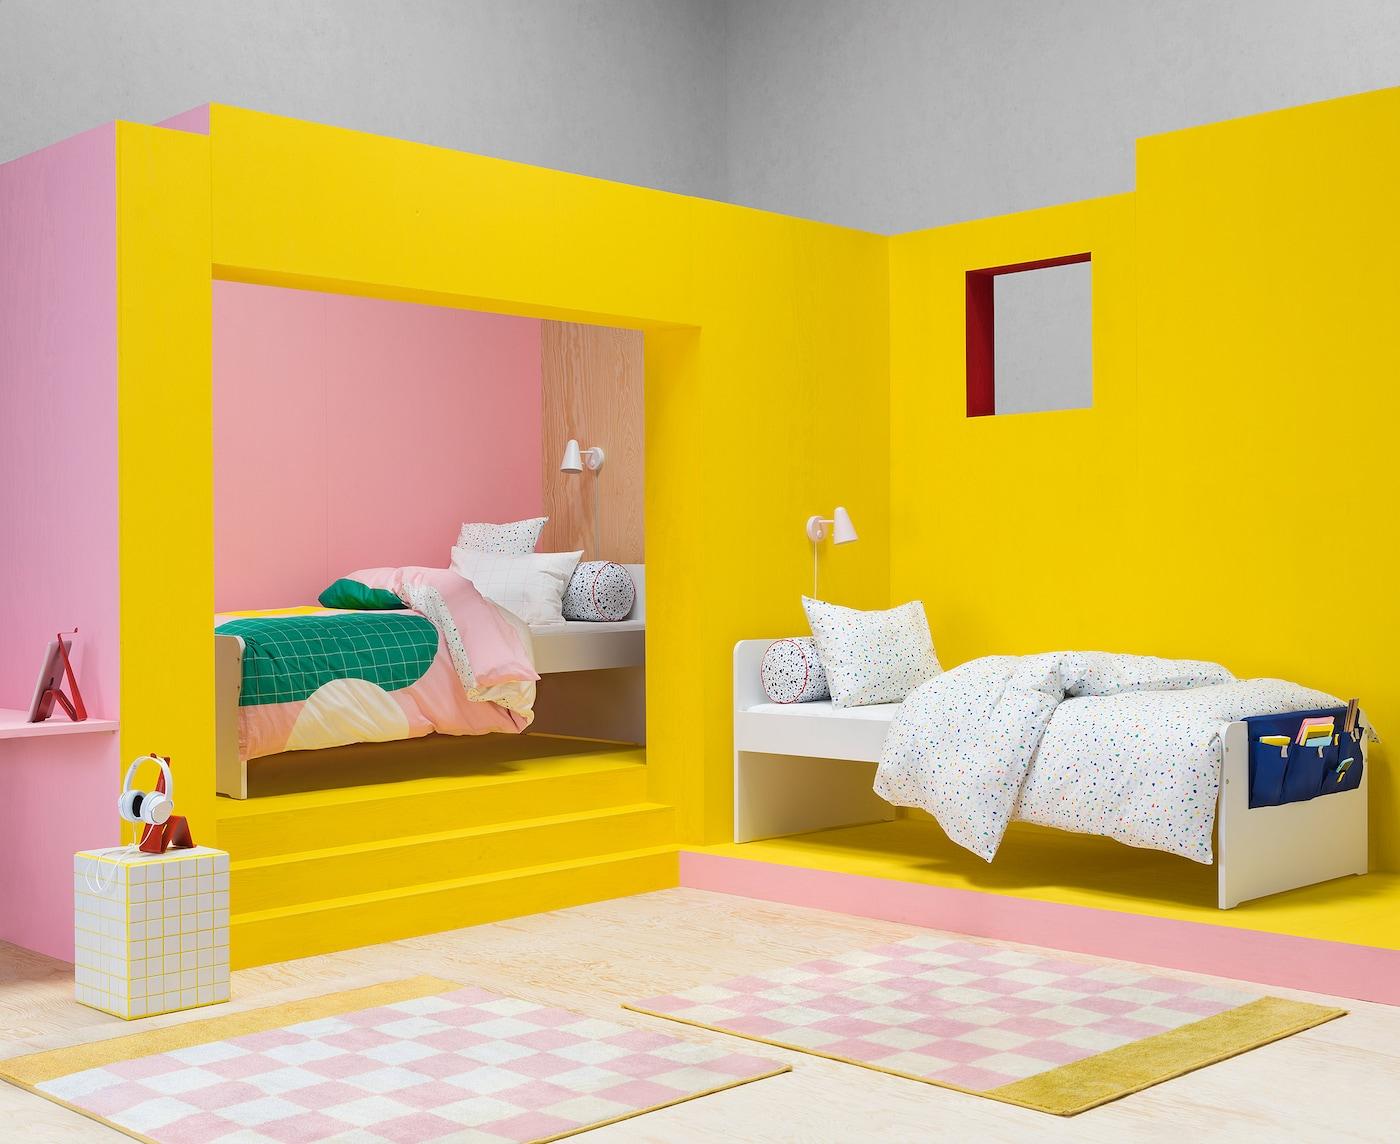 Twee eenpersoonsbedden met MÖJLIGHET overtrekken voor kinderen, in een ruimte met felgele muren en kleurrijke vloerkleden.